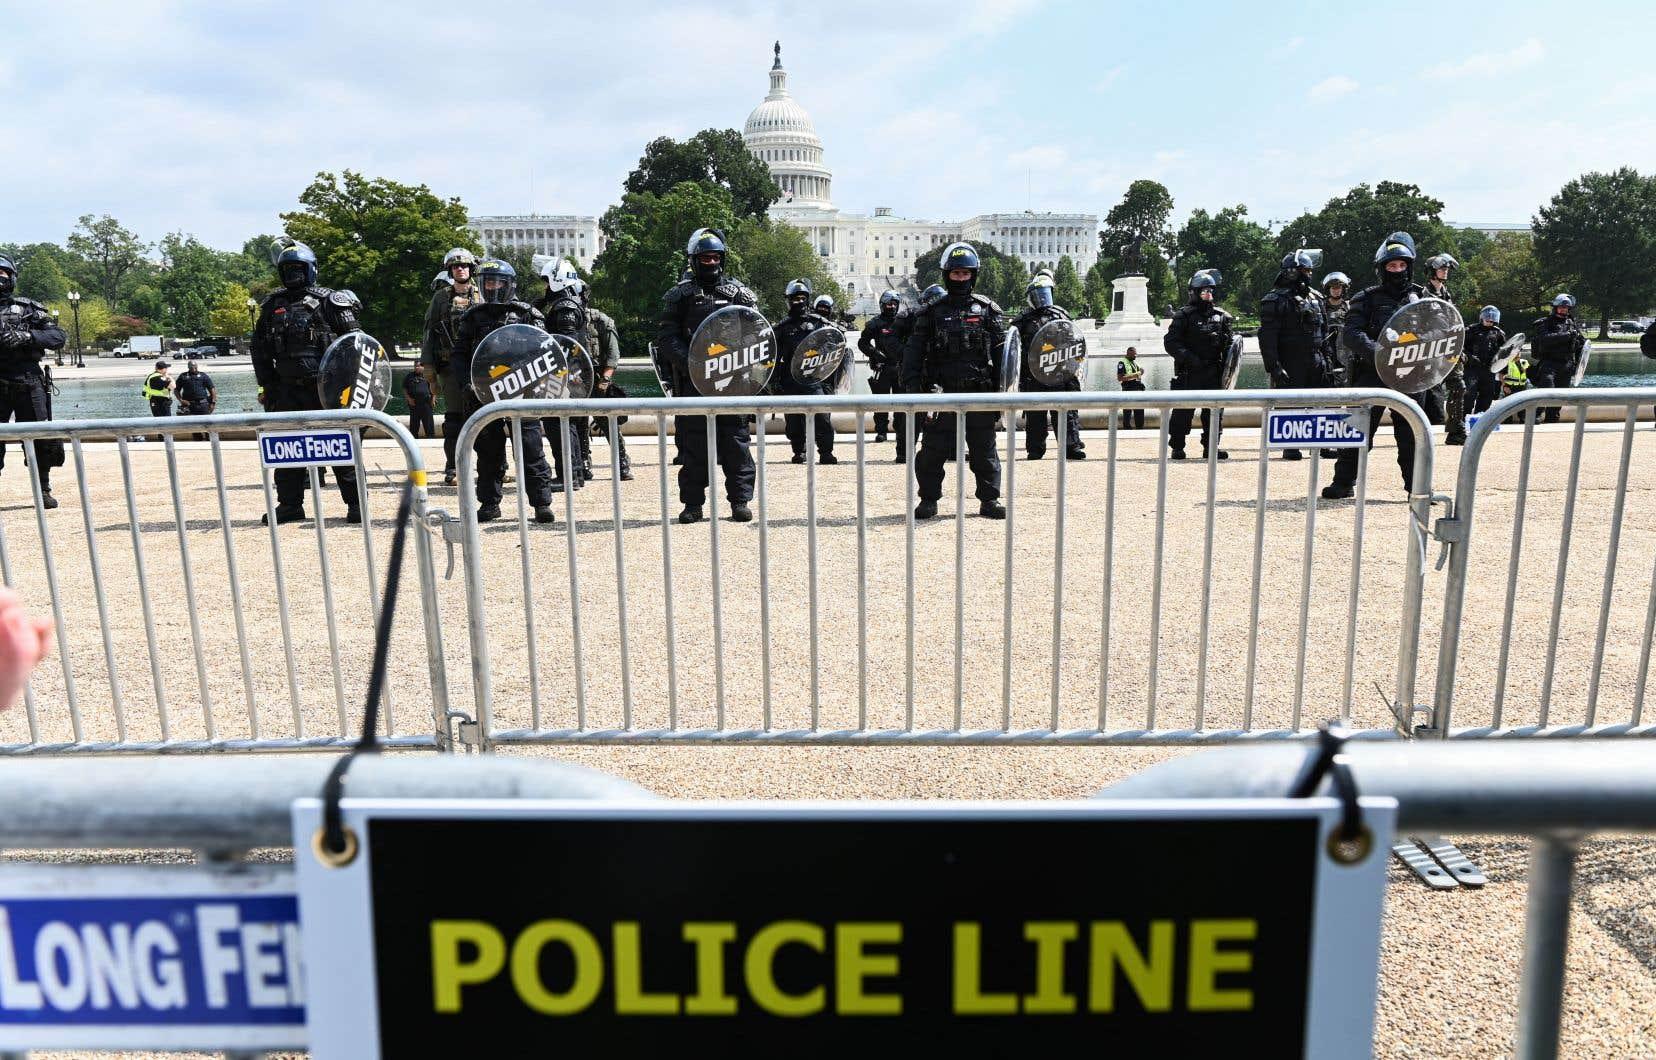 Le service de police du Capitole n'a couru aucun risque, déployant des centaines d'agents qui ont été dépêchés à Washington pour éviter les débordements.